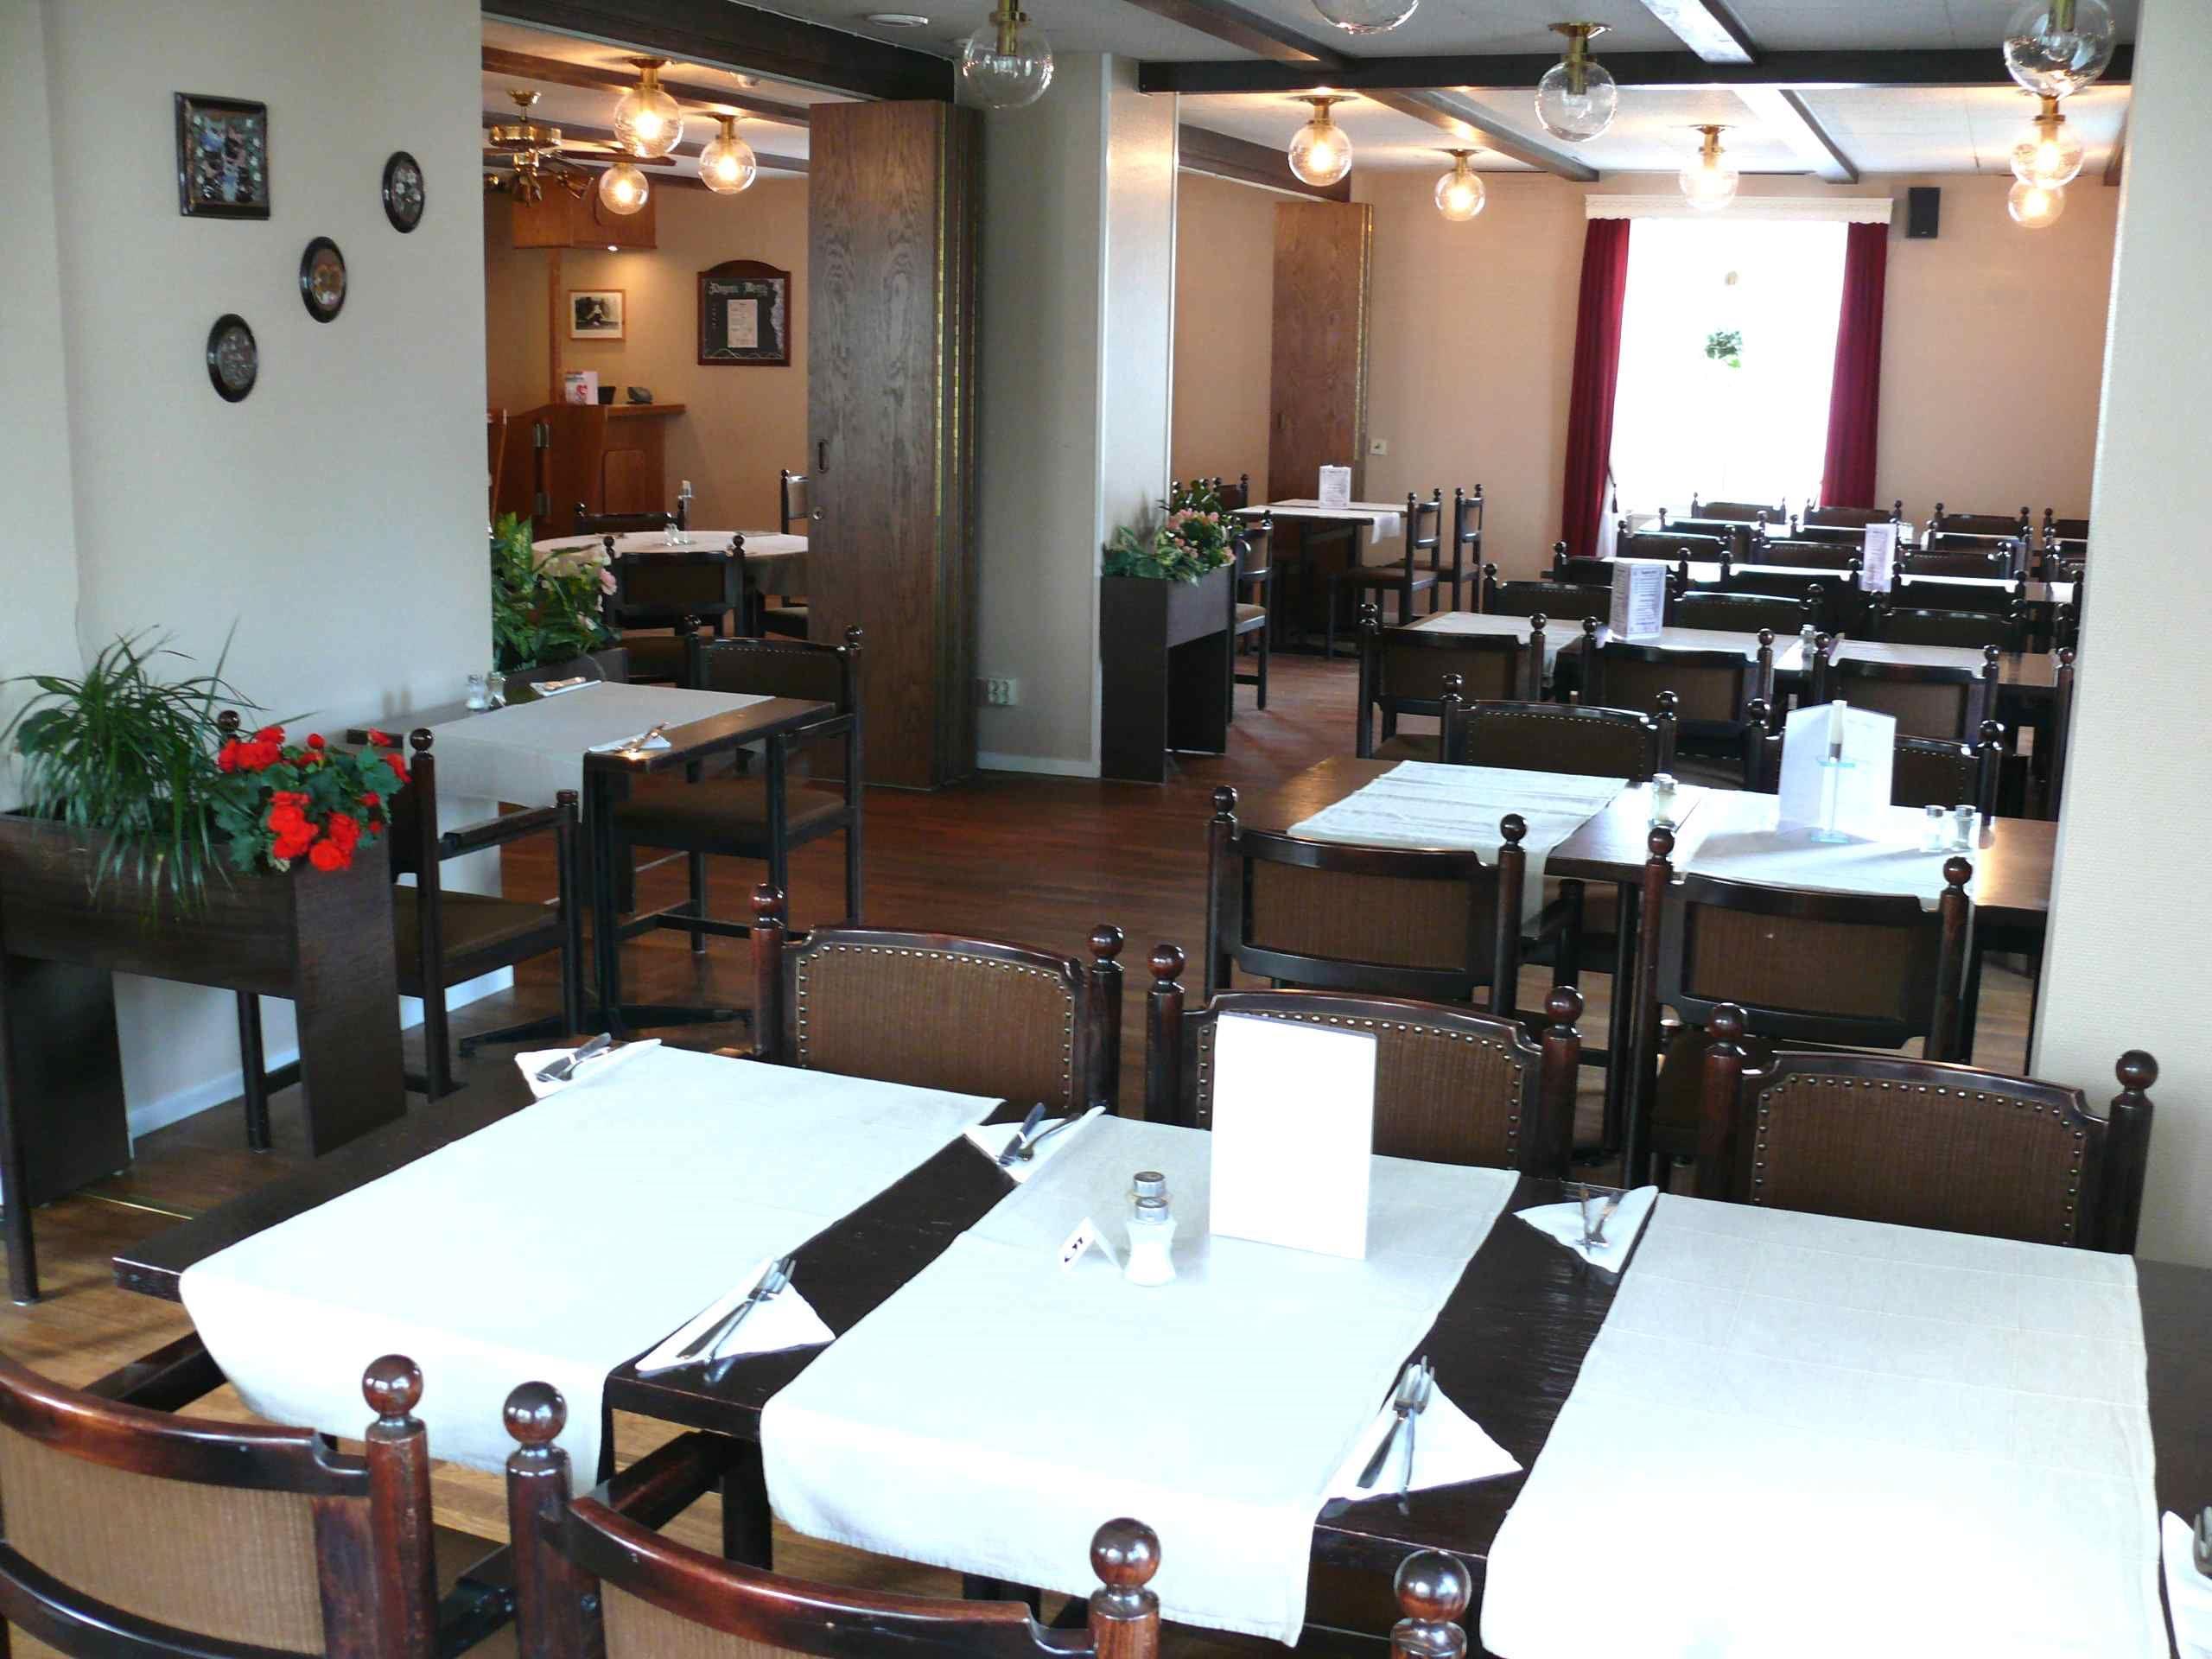 Alstergården hotell och restaurang